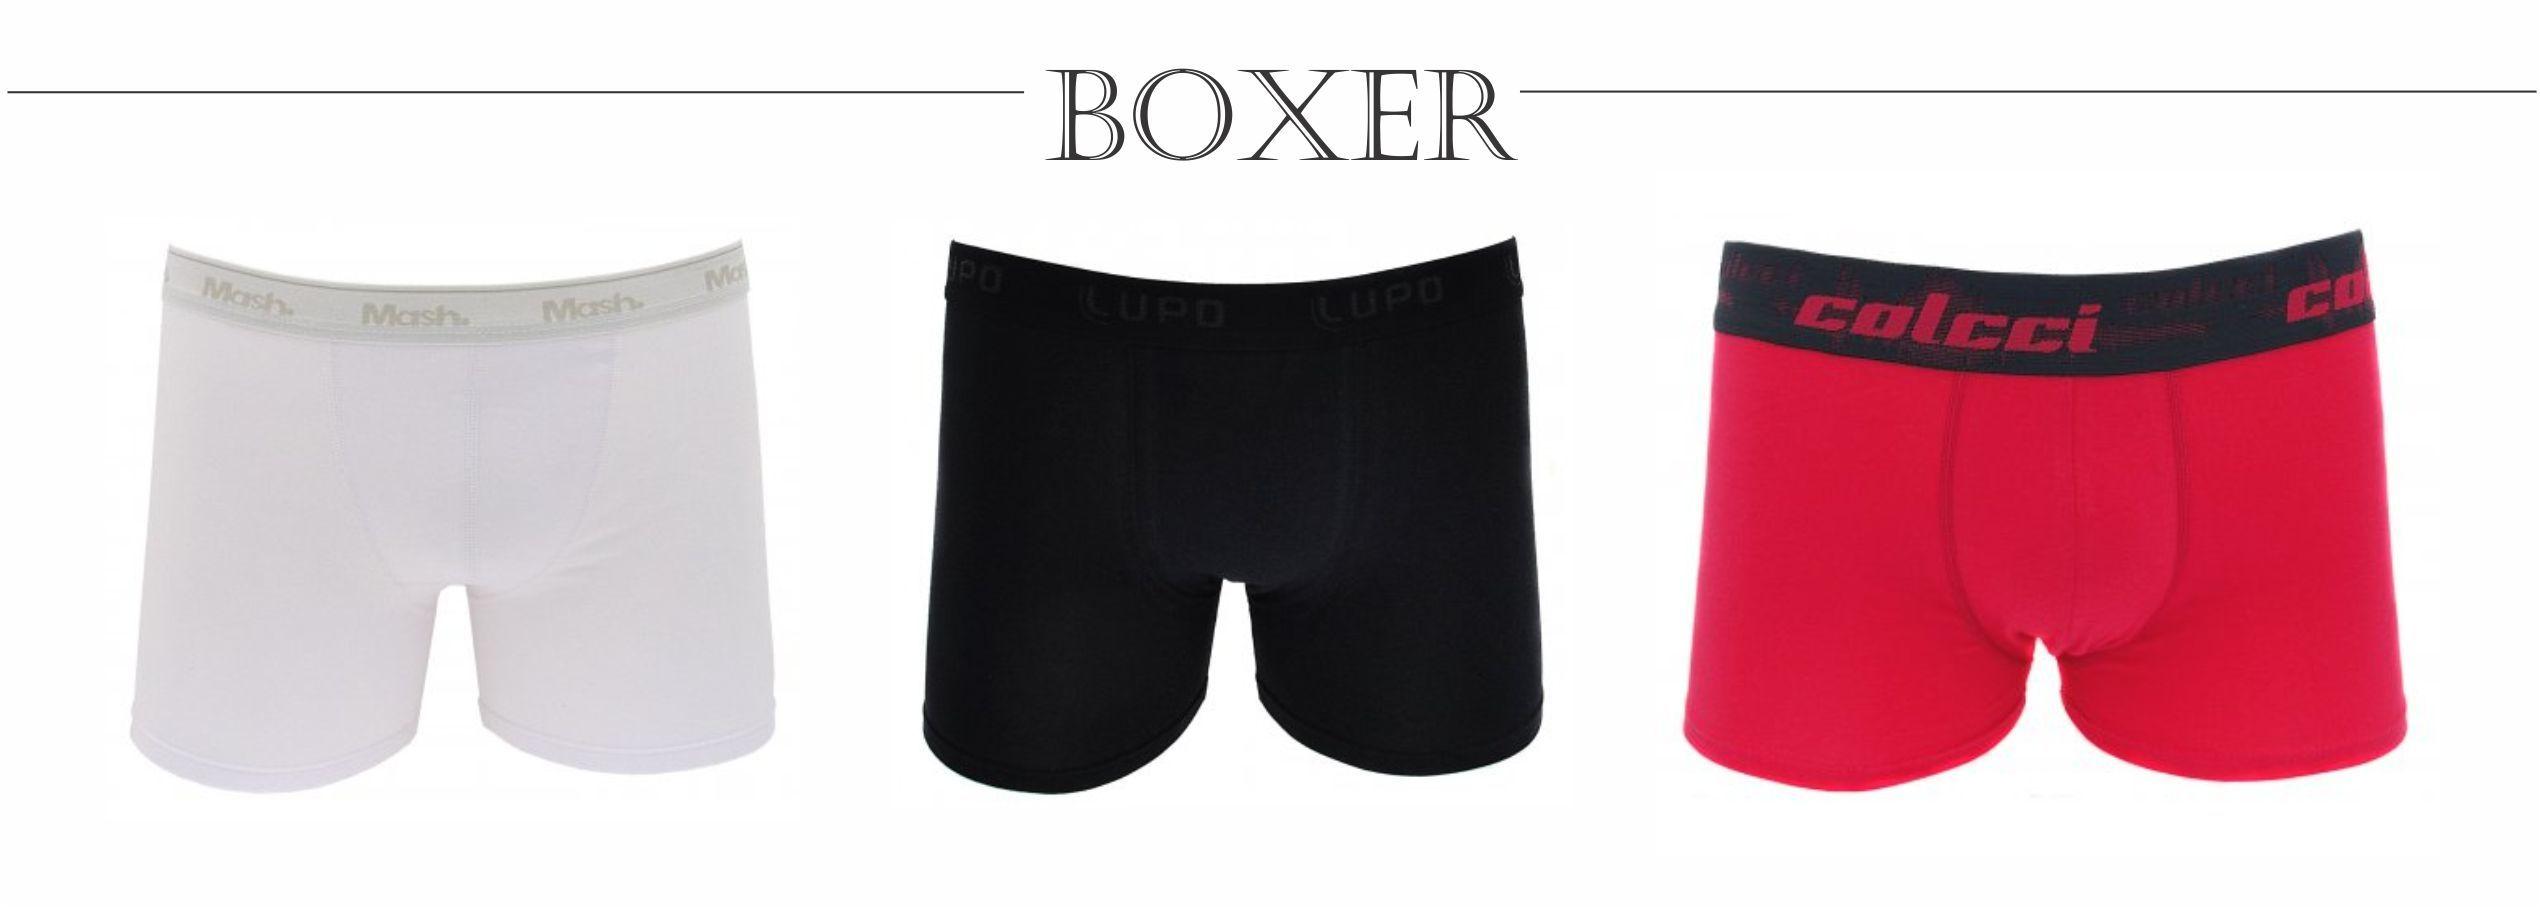 cueca_boxer_sos_solteiros